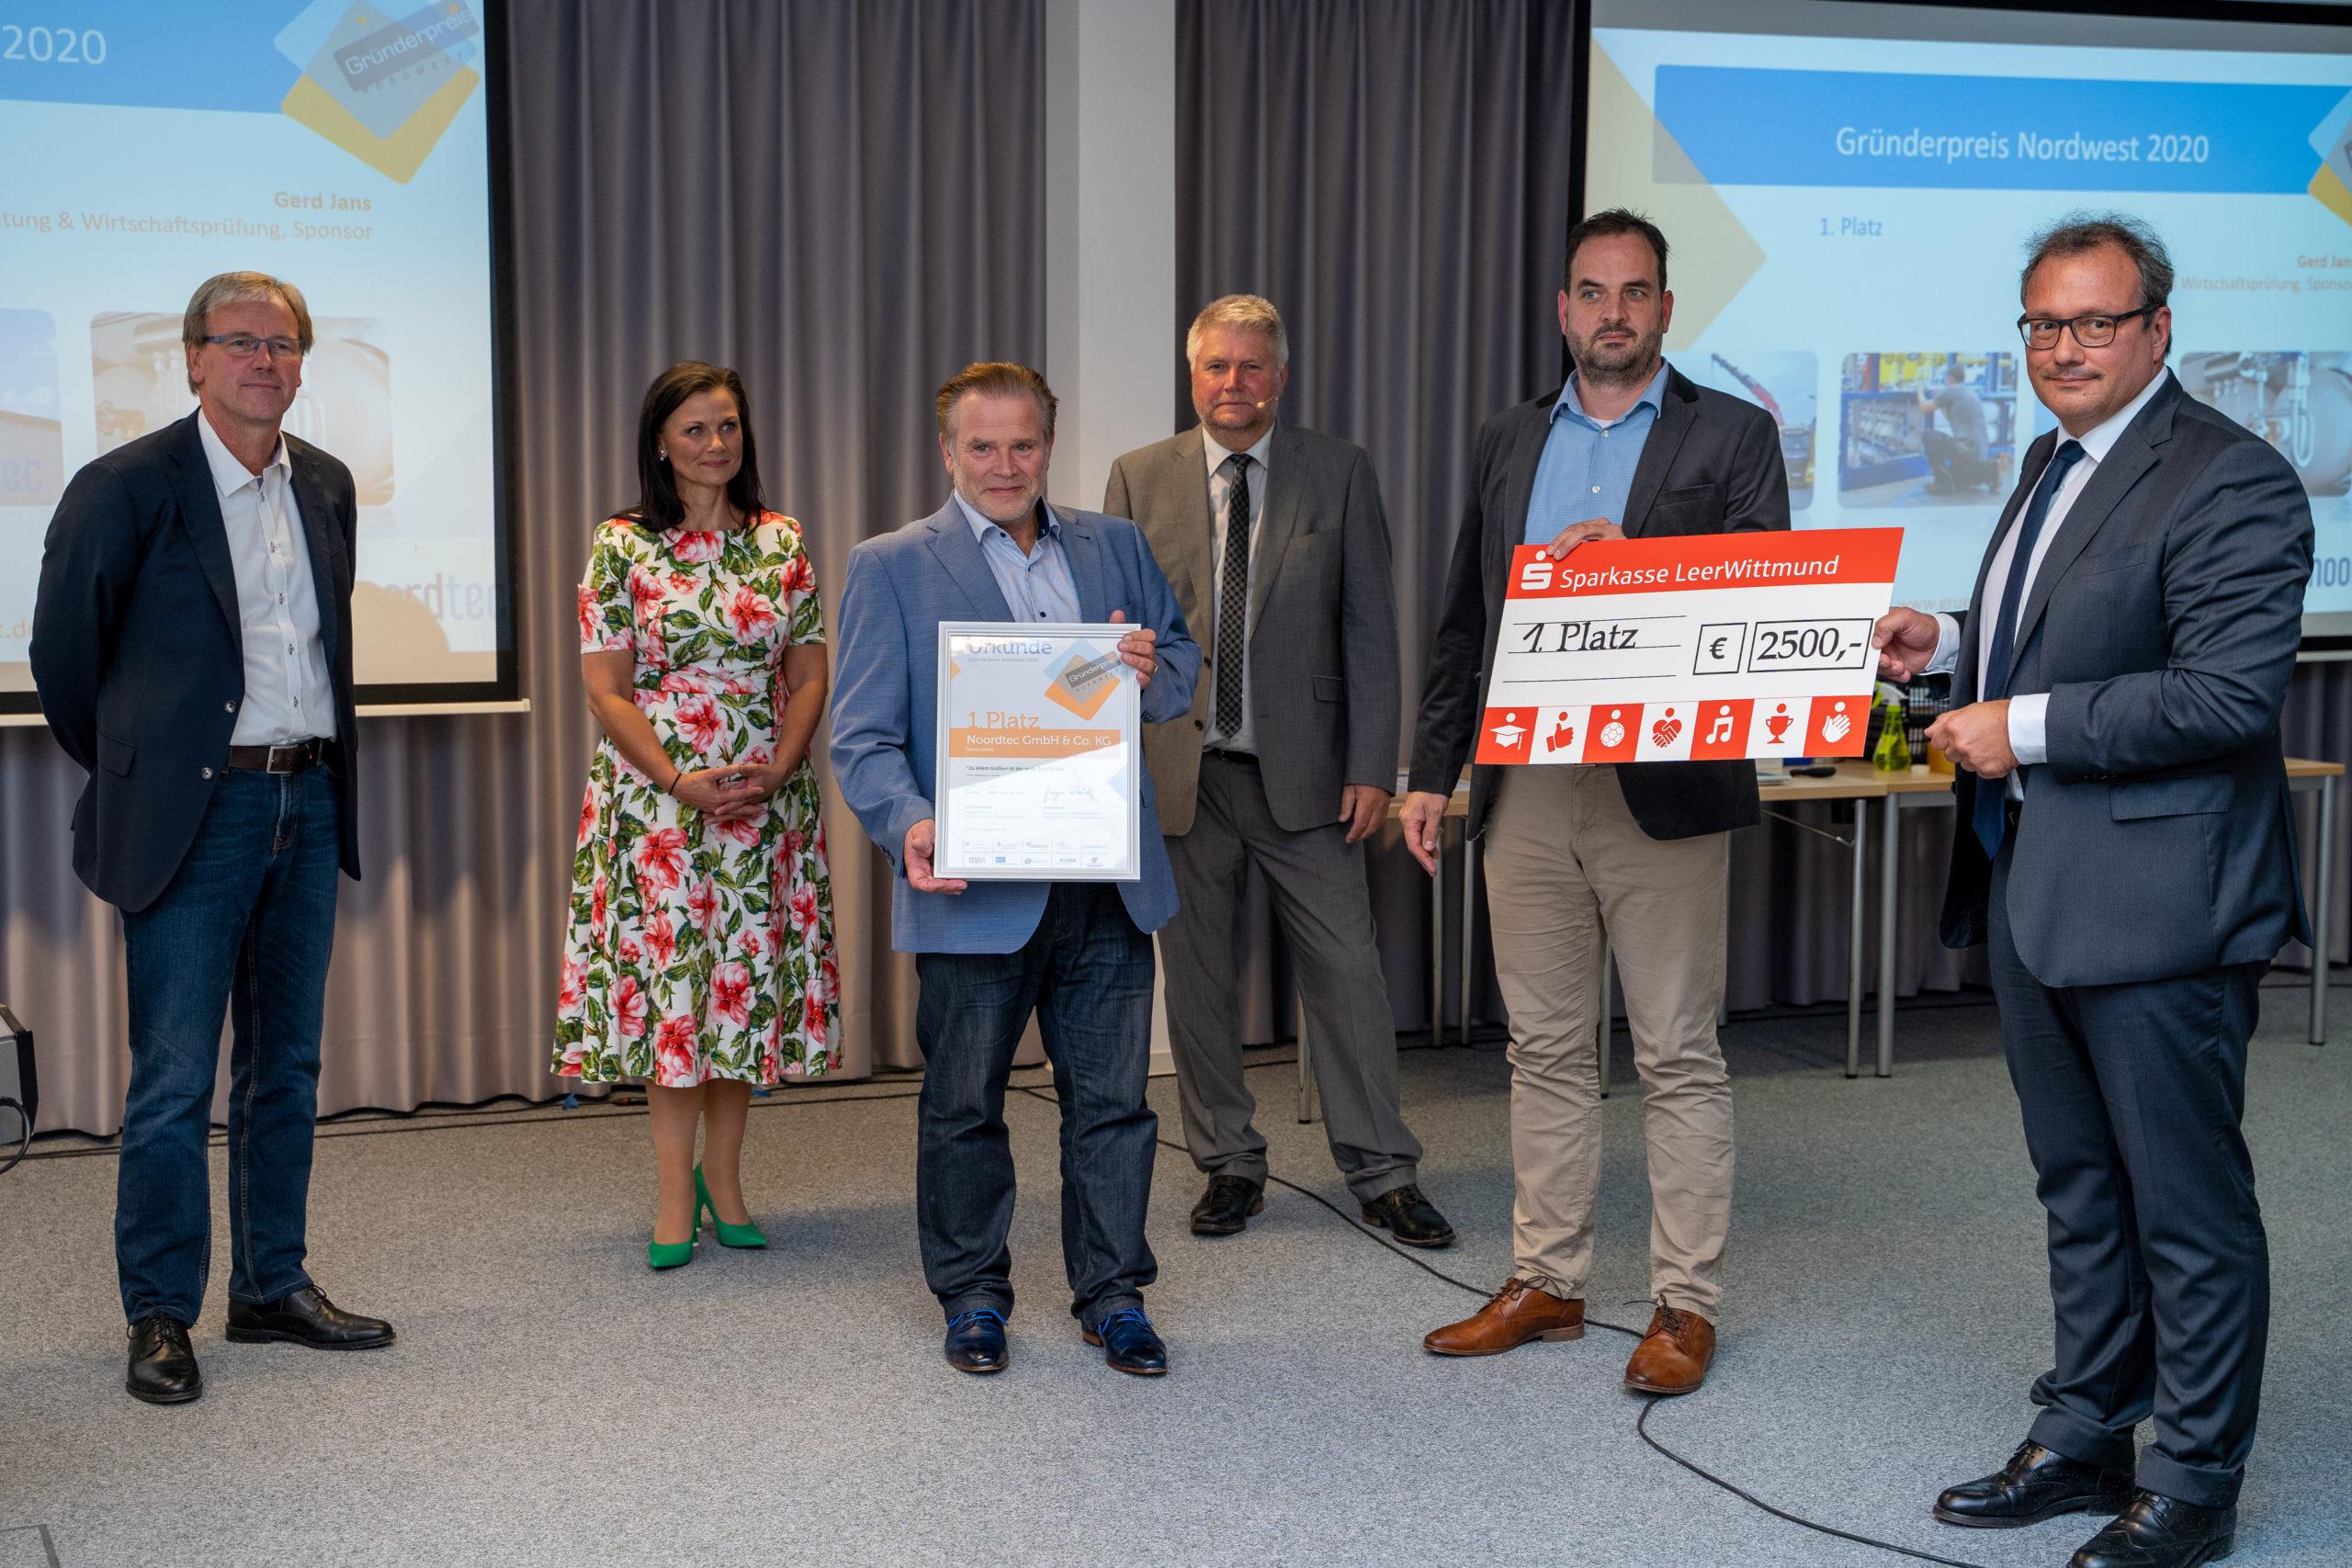 Gründerpreis Nordwest Gewinner 2020